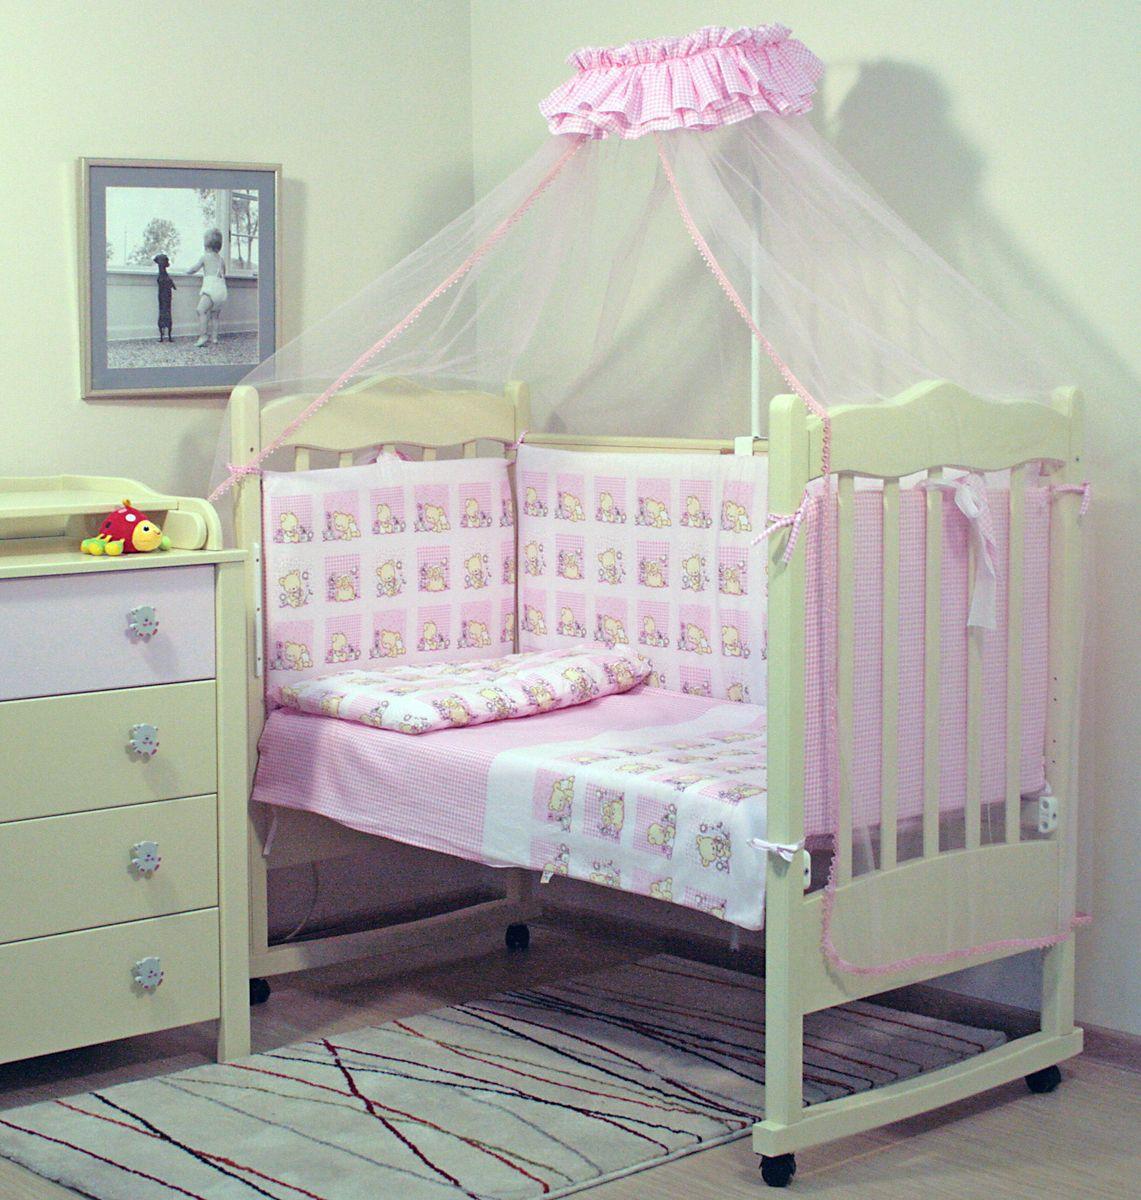 Топотушки Комплект детского постельного белья Мишутка цвет розовый 7 предметов комплекты детской одежды клякса комплект 5 предметов 53 5228